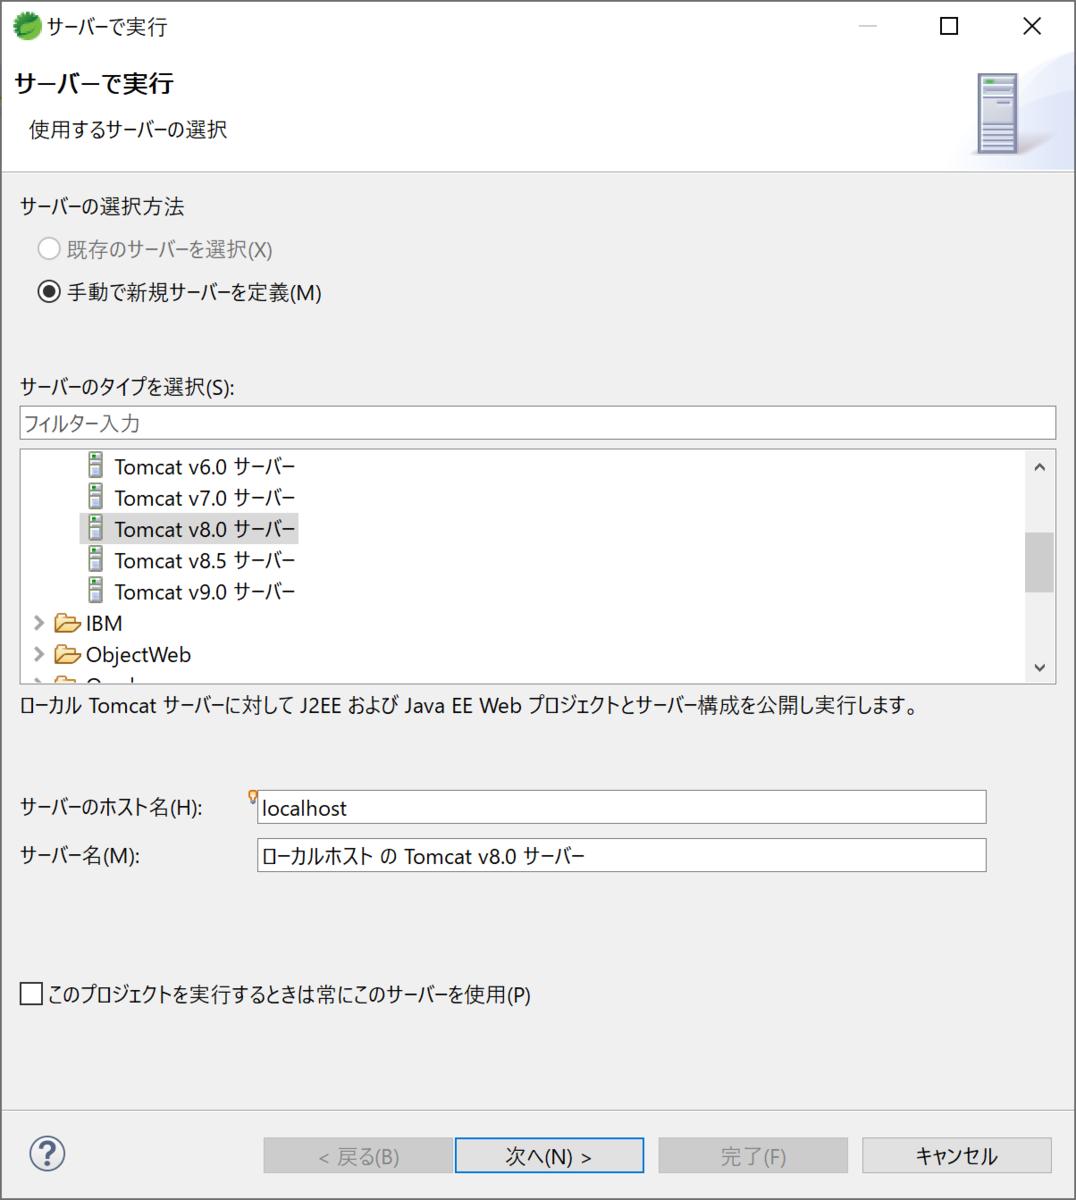 f:id:shizuuuka0202:20200121212744p:plain